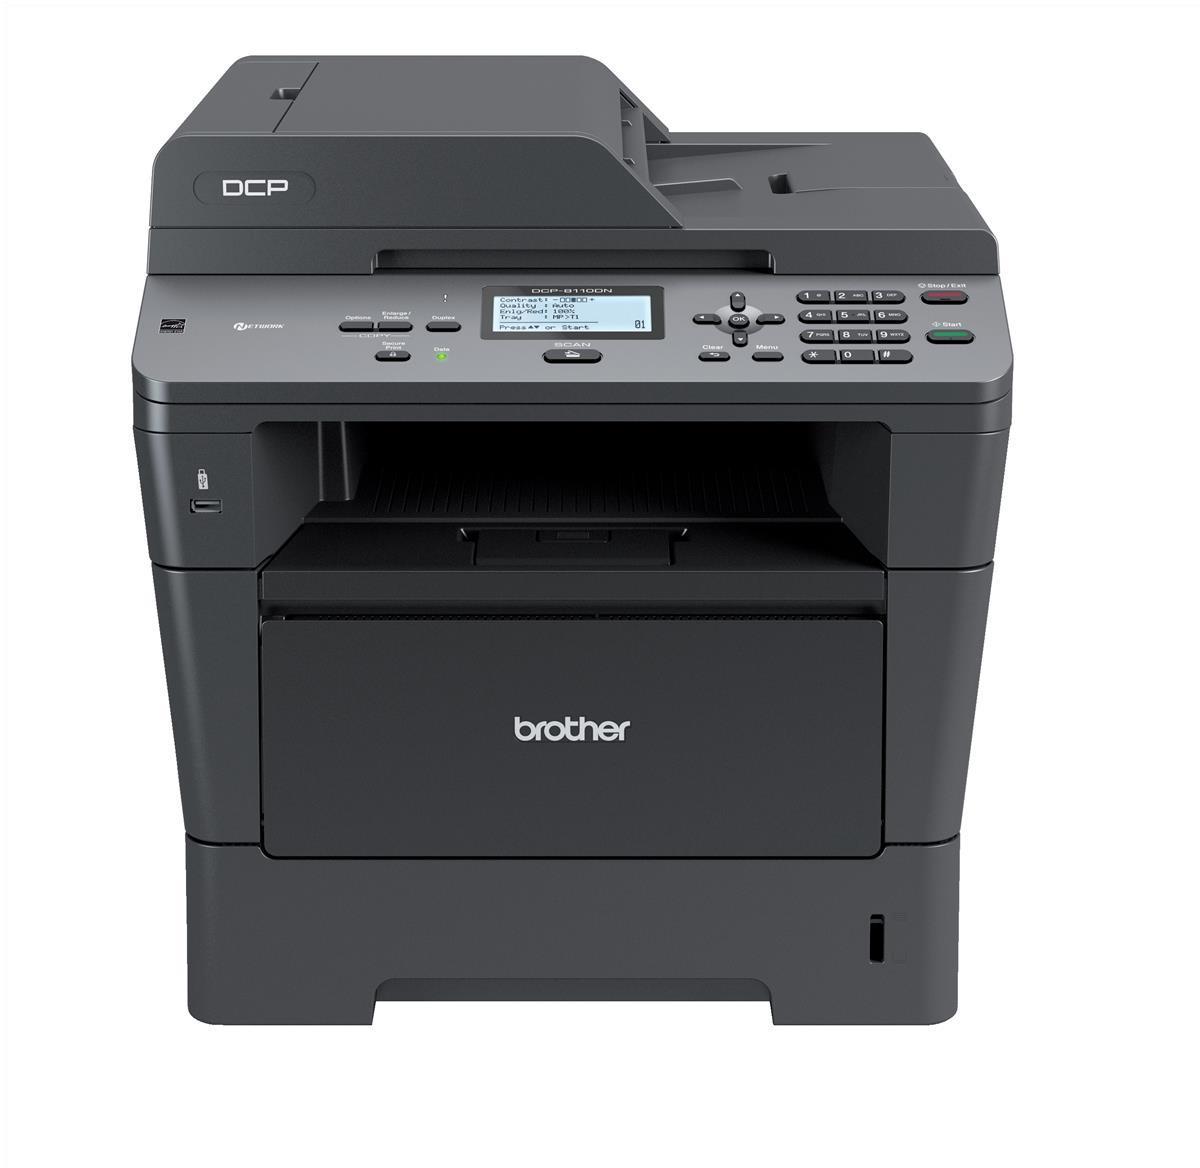 Brother DCP-8110DN Mono Laser Printer